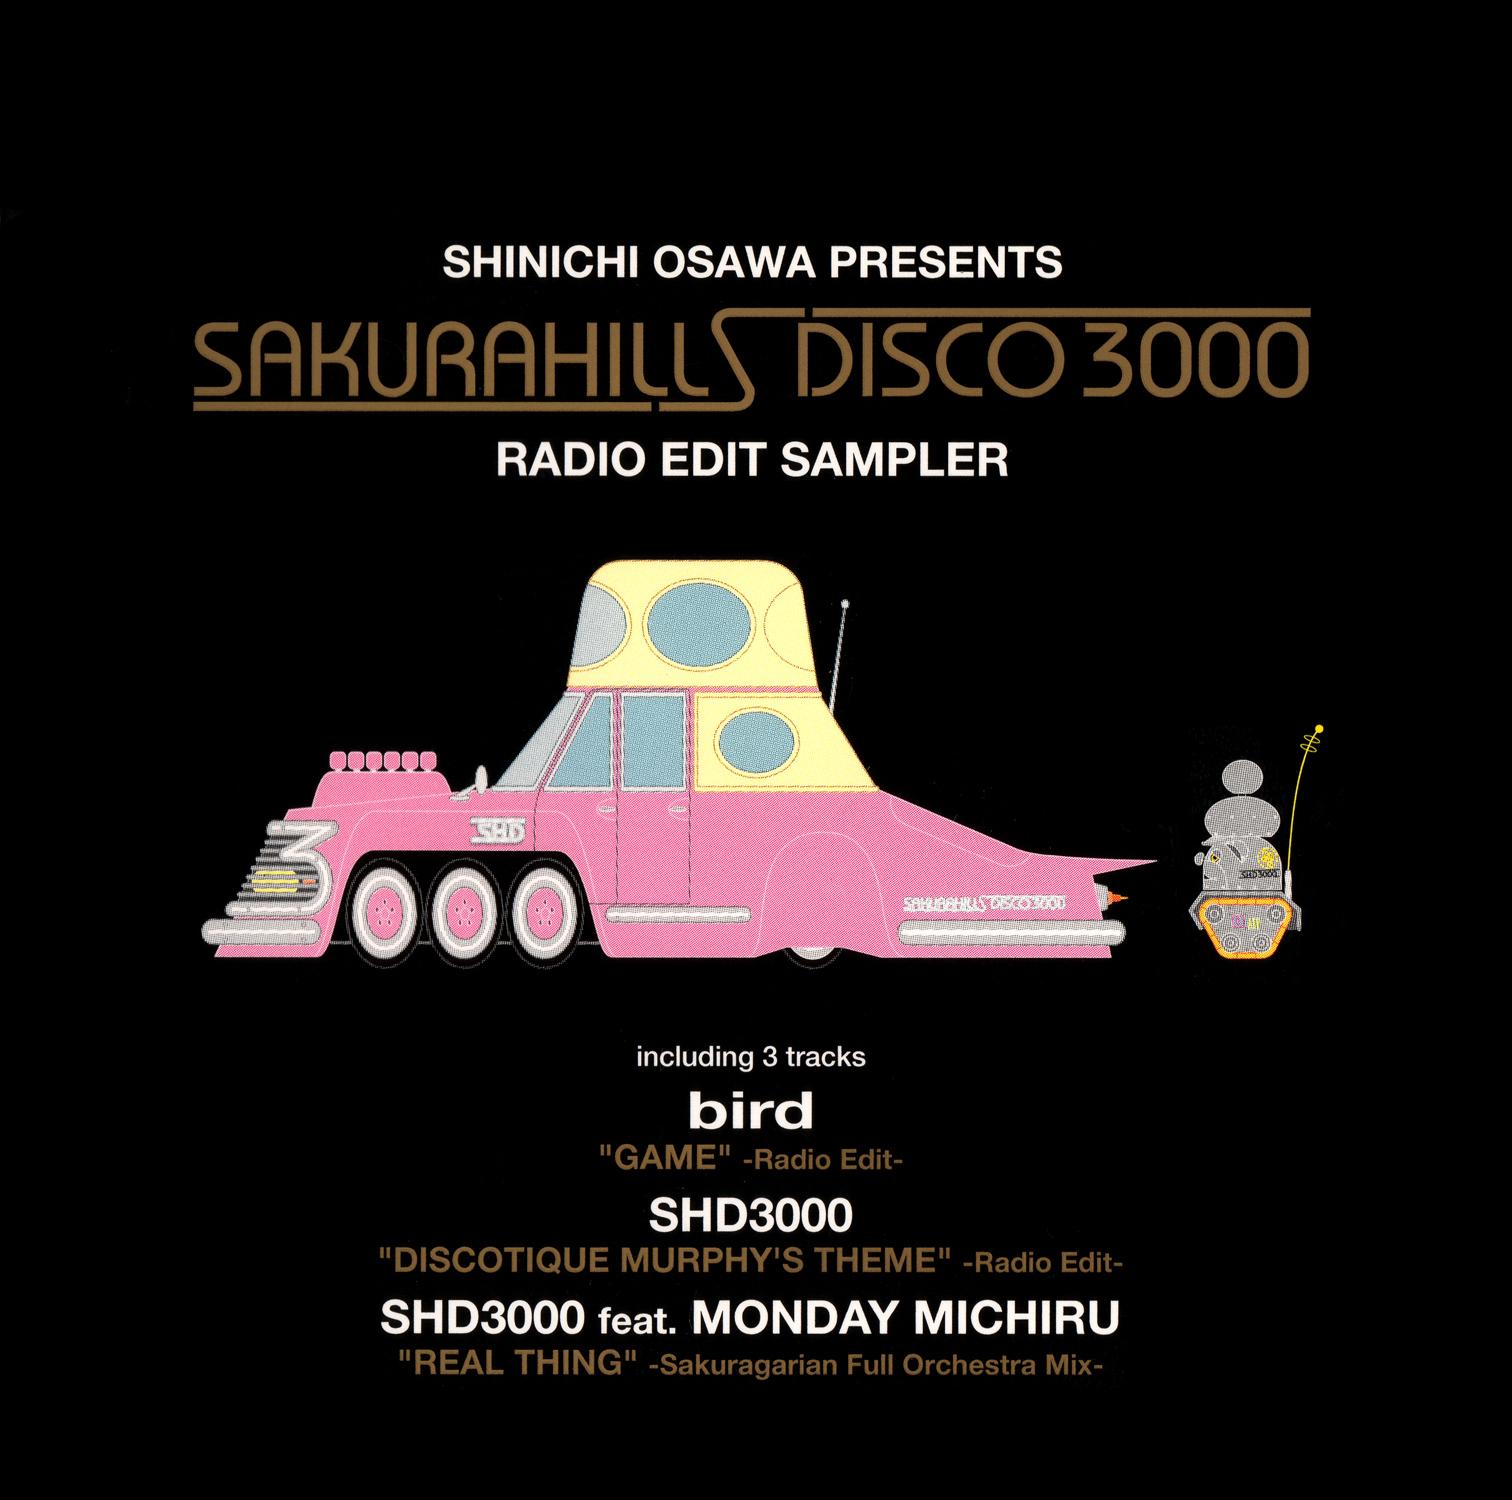 SAKURAHILL DISCO 3000 RADIO EDIT SAMPLER (非売品)の高画質ジャケット画像